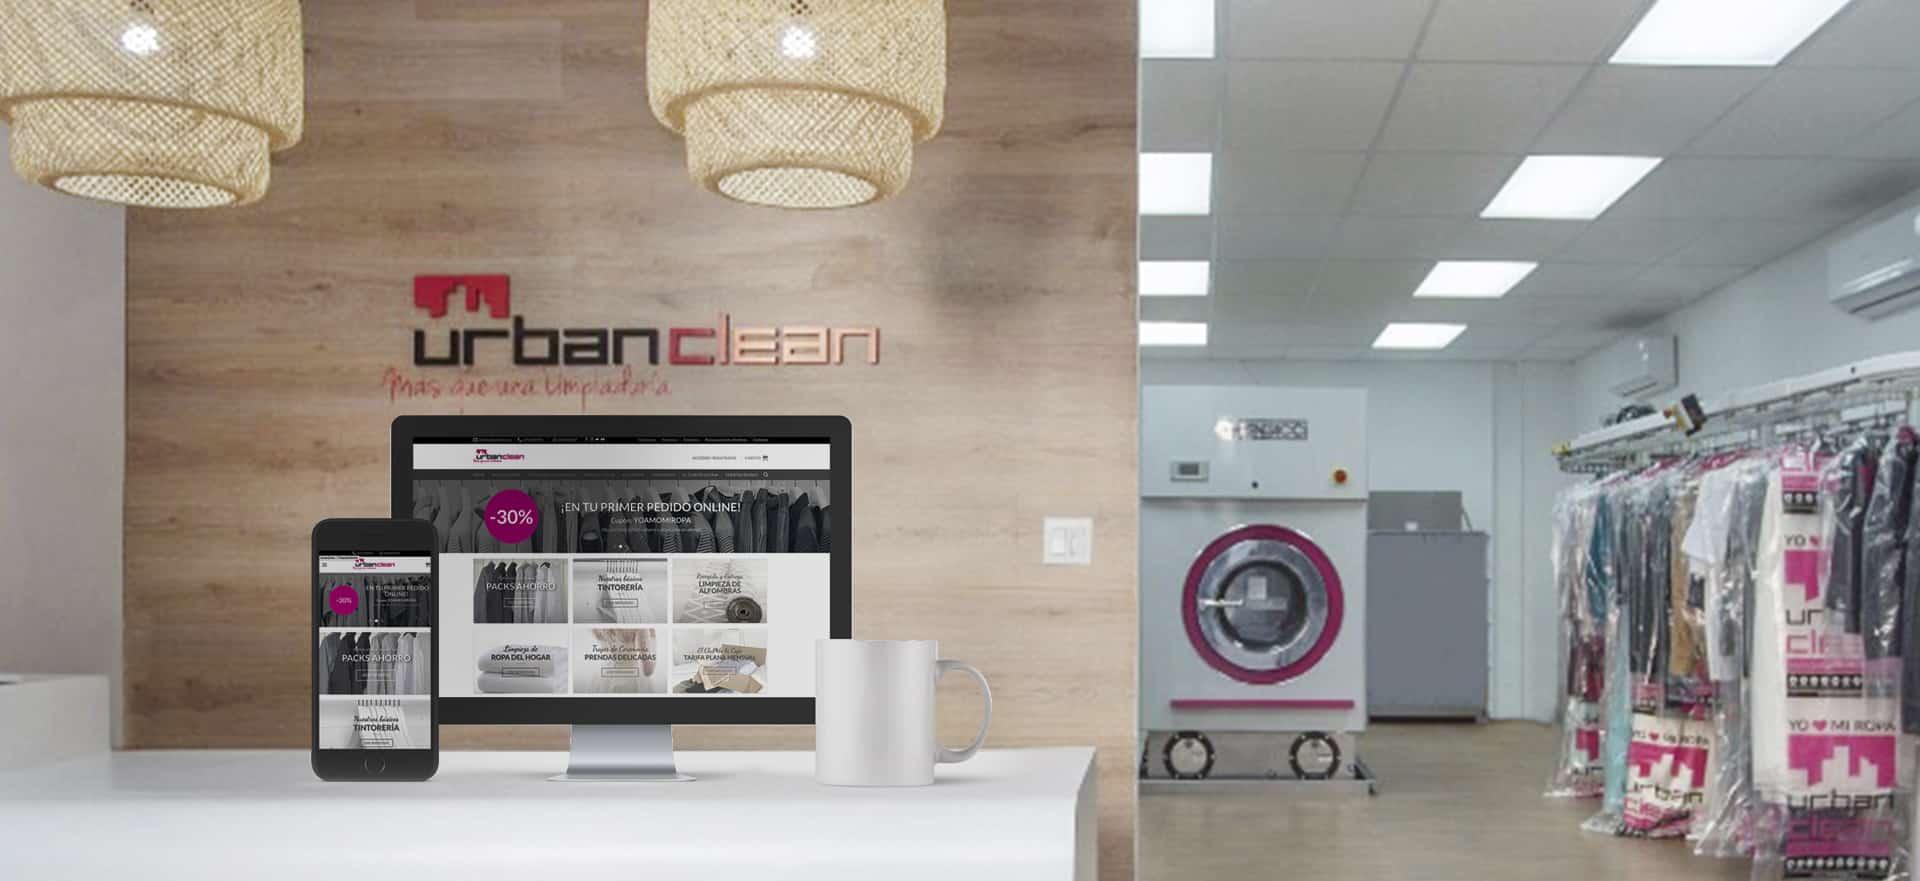 UrbanClean, la franquicia con un negocio tradicional y con negocio online